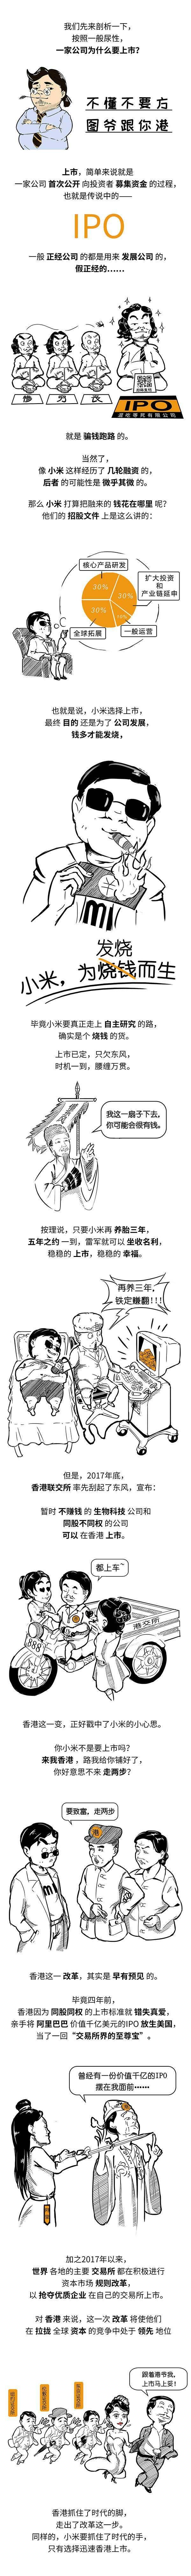 一张图看清小米上市:手机可以发烧,股票为何不能发烧?